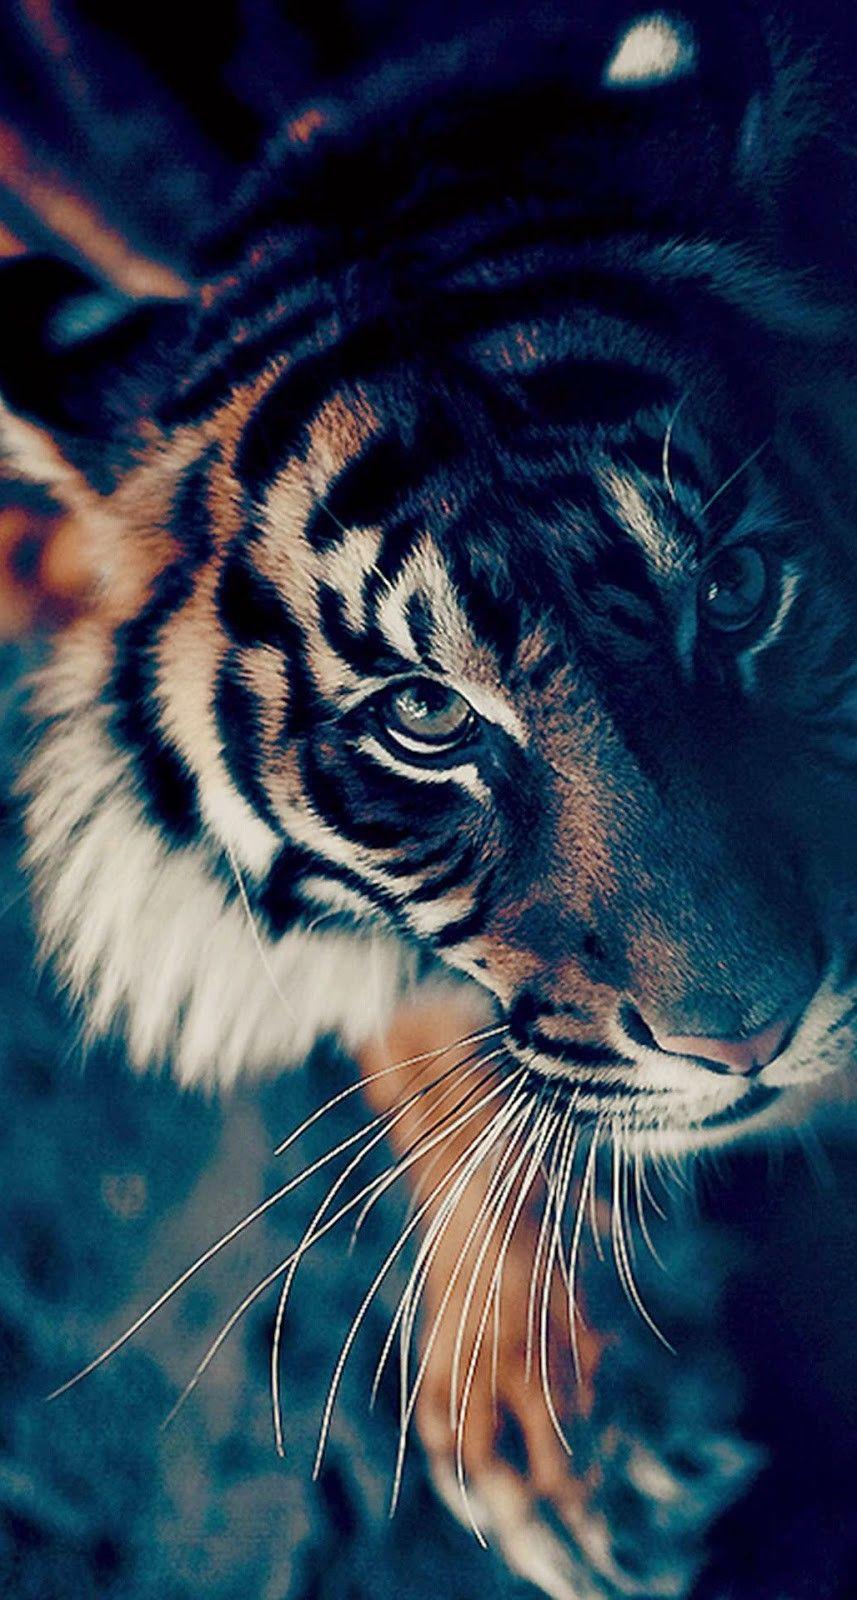 Tiger Mobile Wallpaper Phone Background Tiger Wallpaper Animal Wallpaper Animals Beautiful